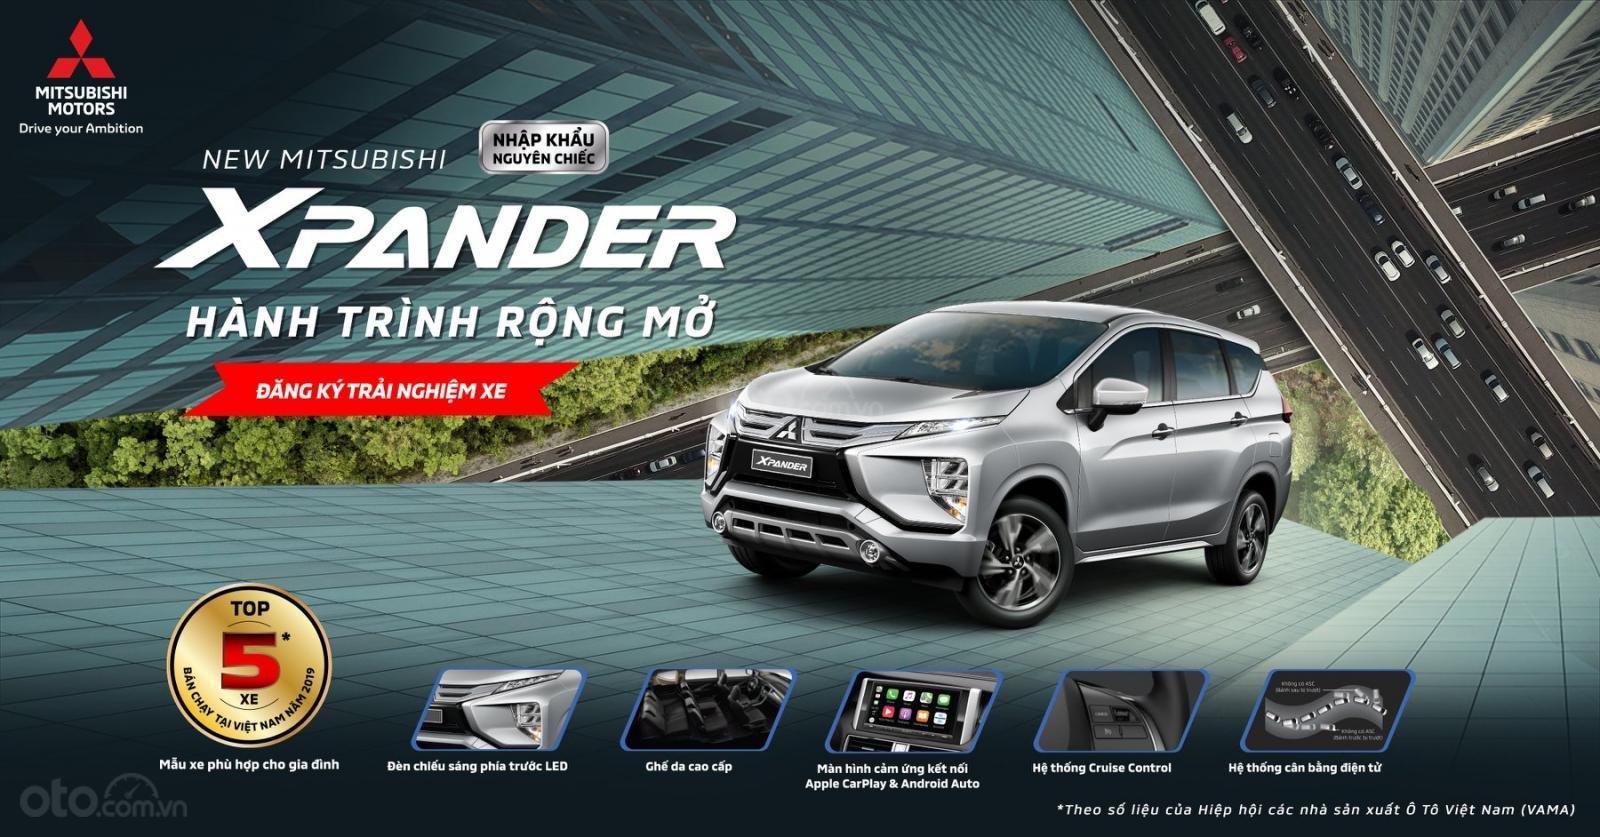 [ Hot] Mitsubishi Xpander 2020 AT, giá tốt nhất Hà Nội, hỗ trợ vay lên đến 80% giá trị xe (4)